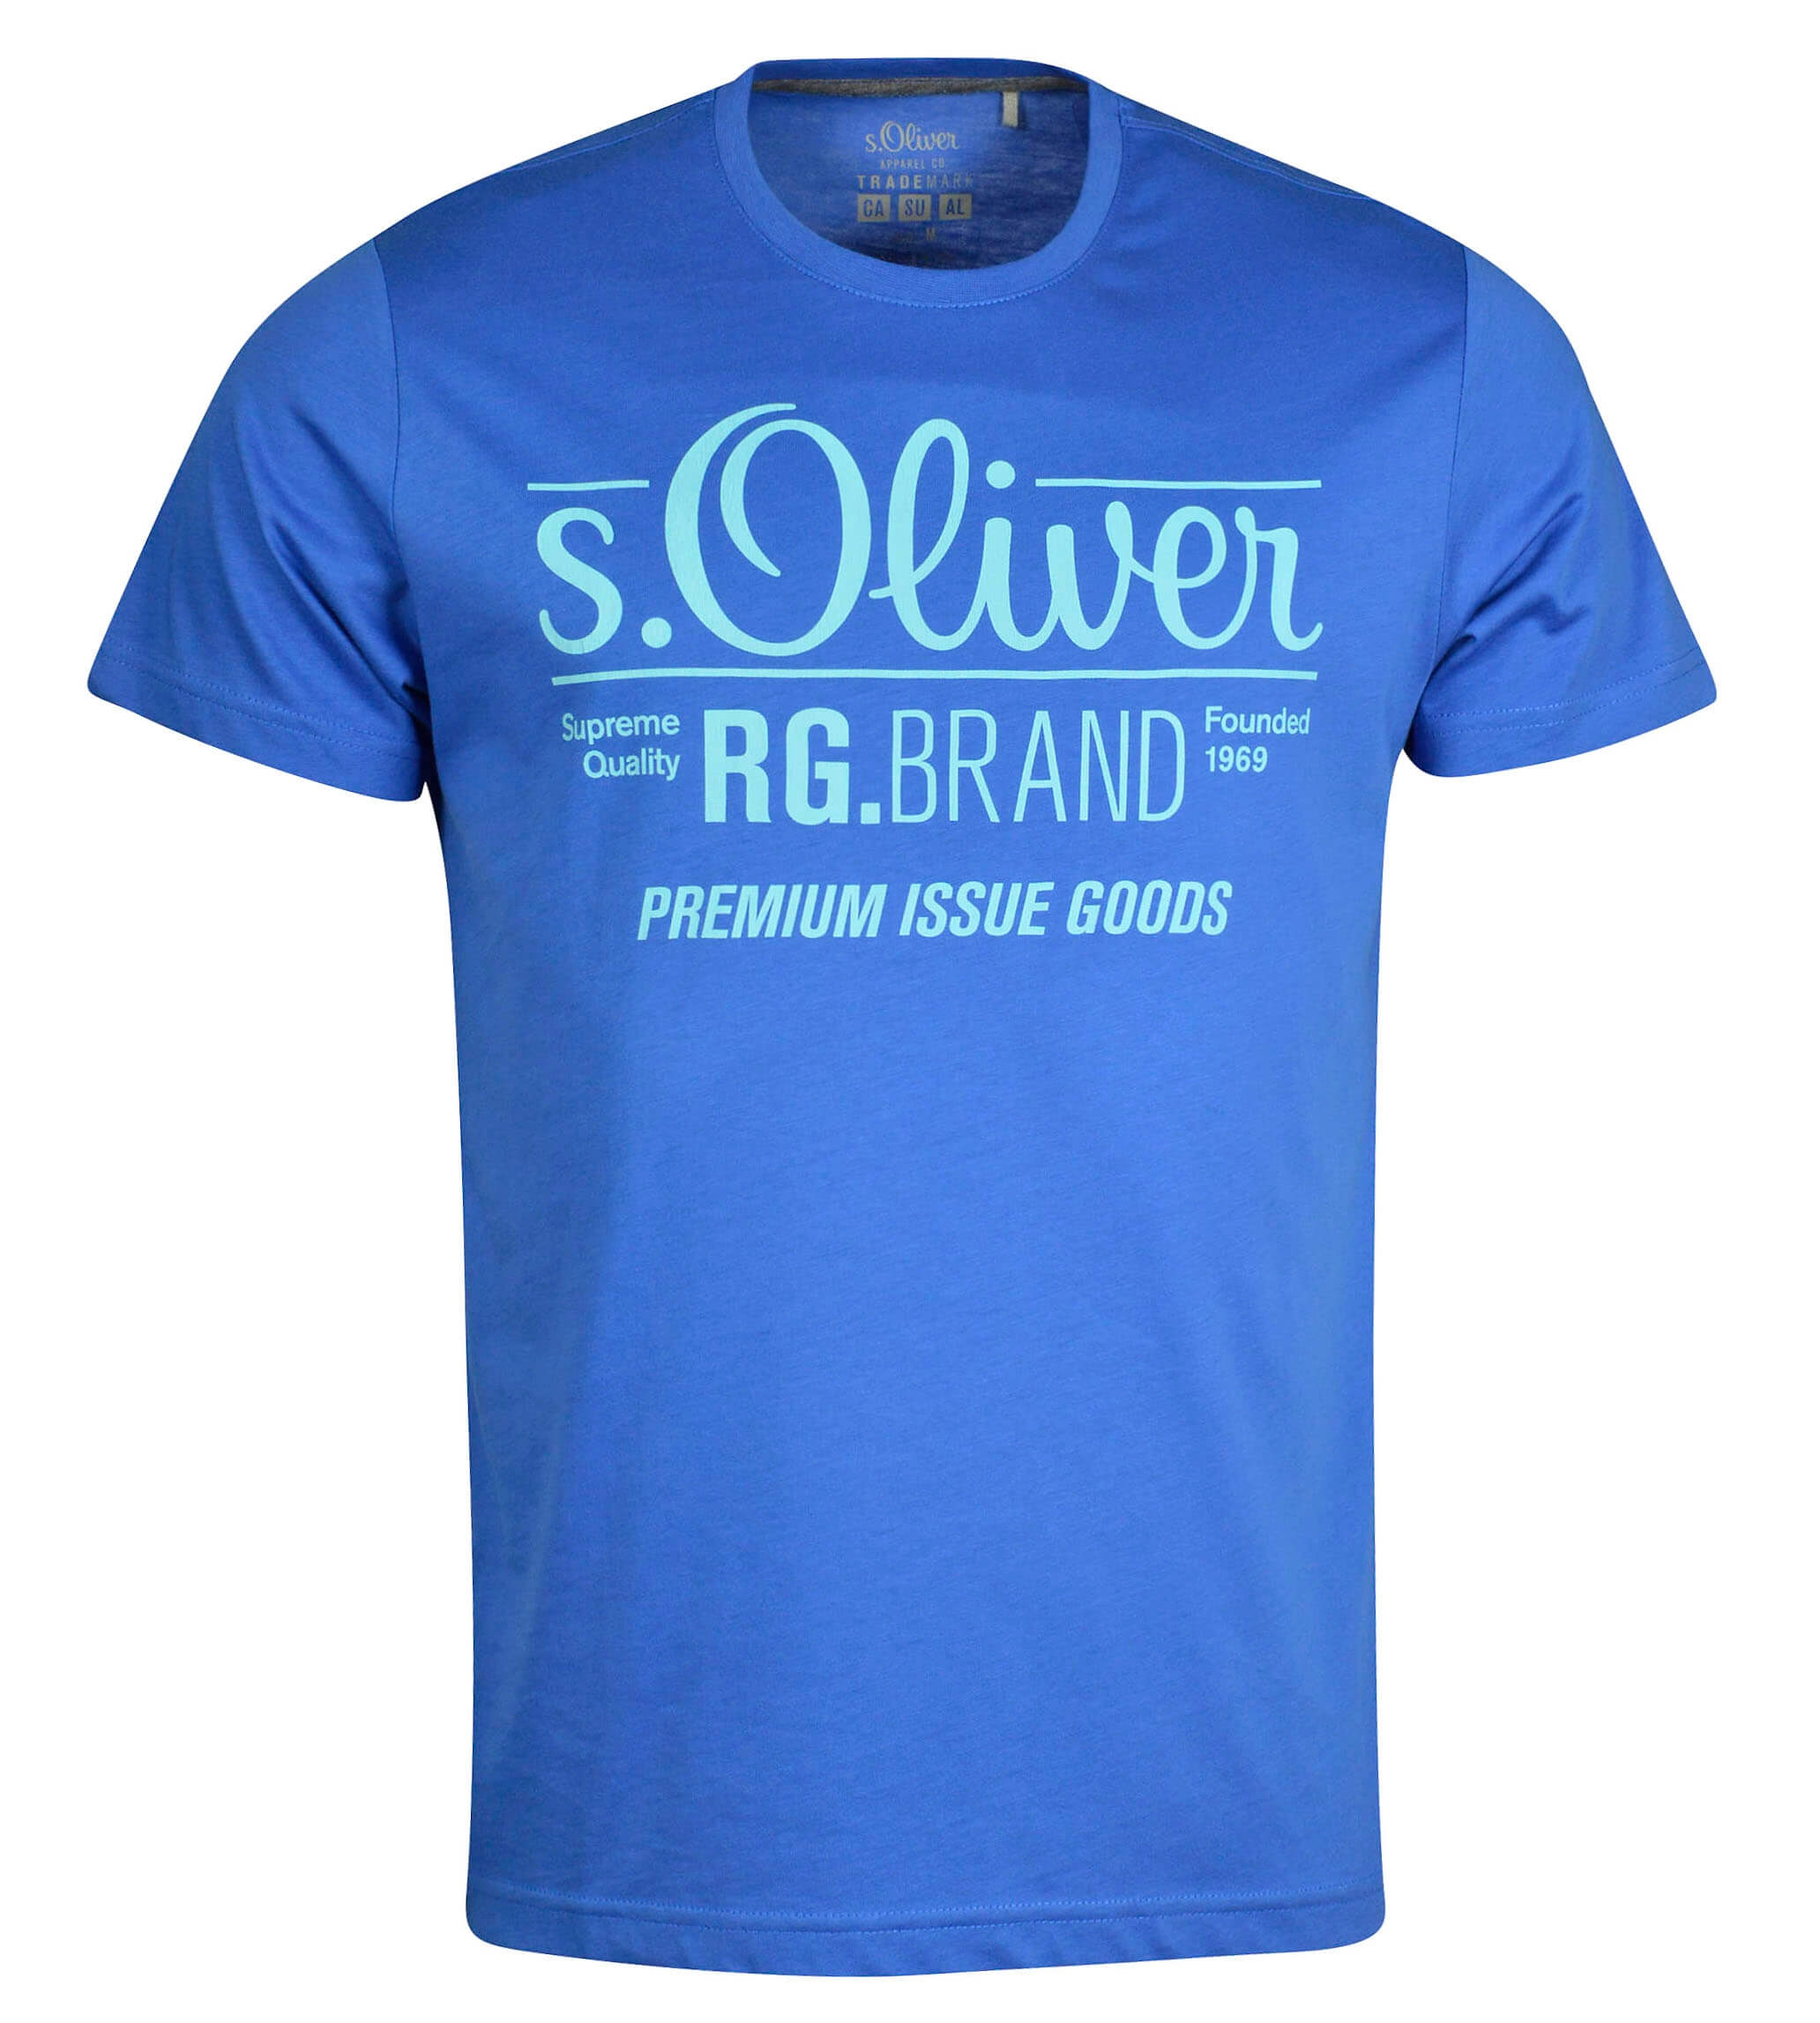 Ανδρικό T-shirt S.OLIVER 32.4501-6 - Glami.gr 33fdb16d006